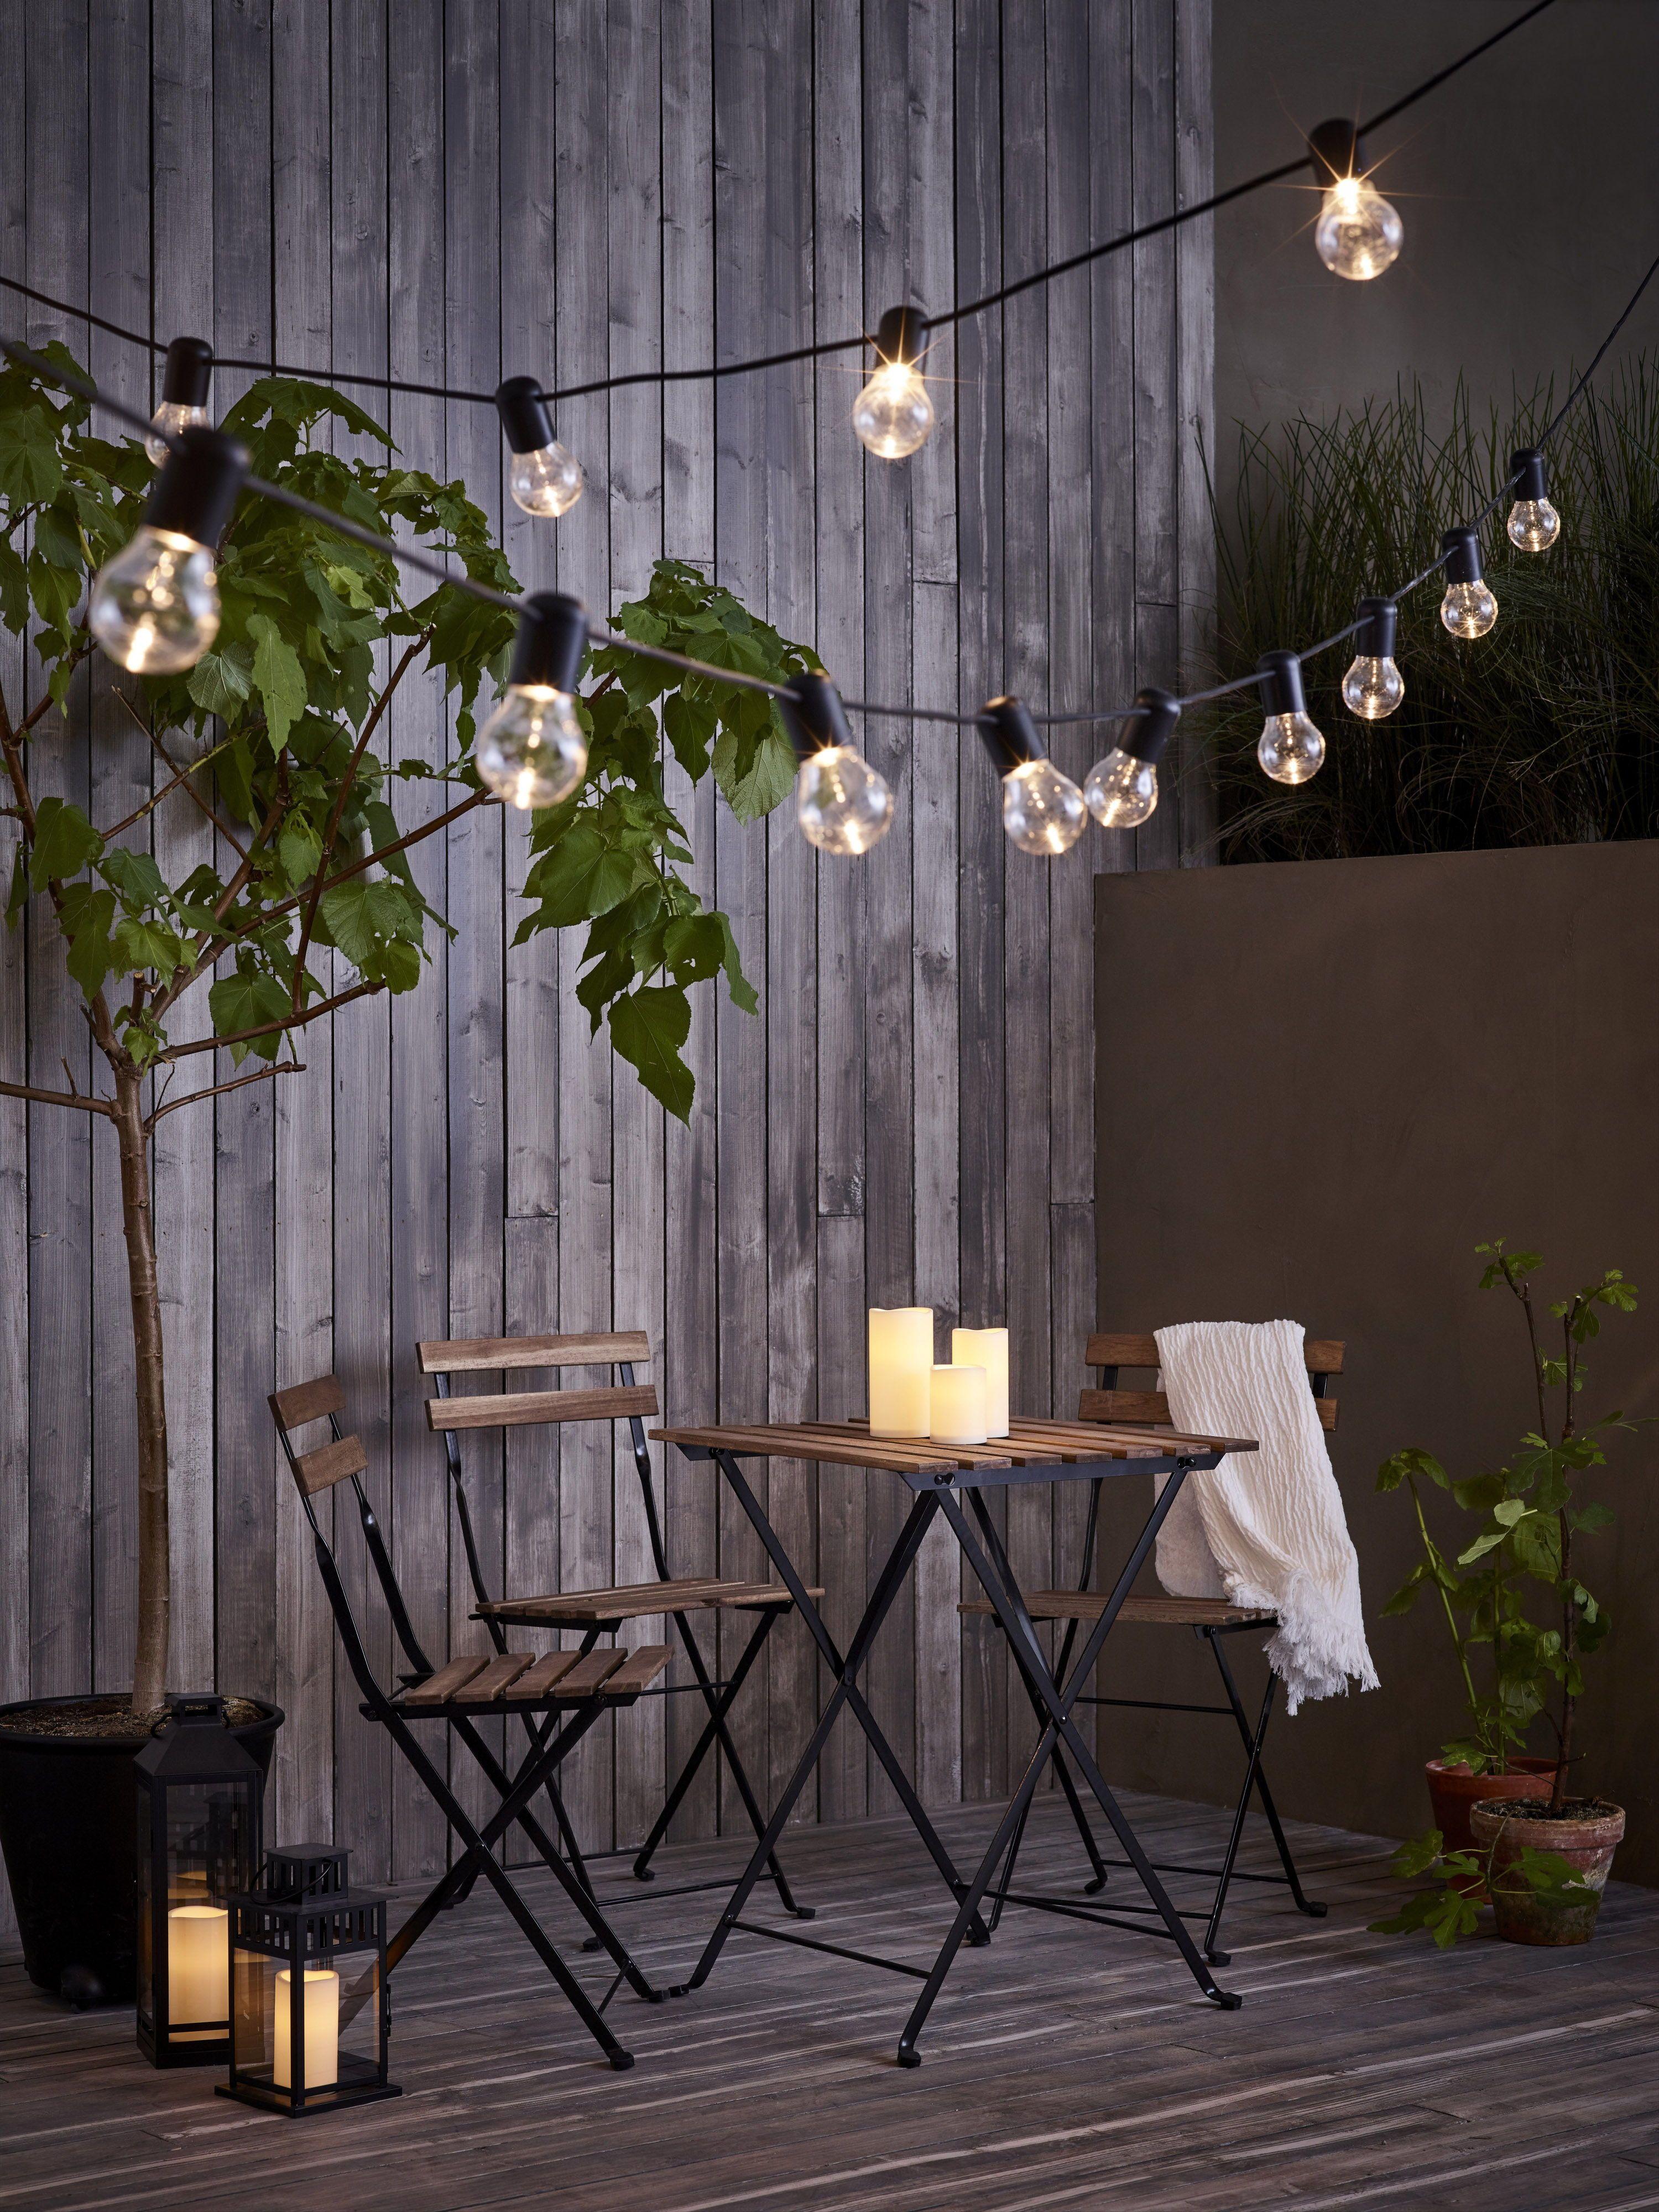 Beste SVARTRÅ Led-lichtsnoer met 12 lampjes - zwart, buiten (met VV-58